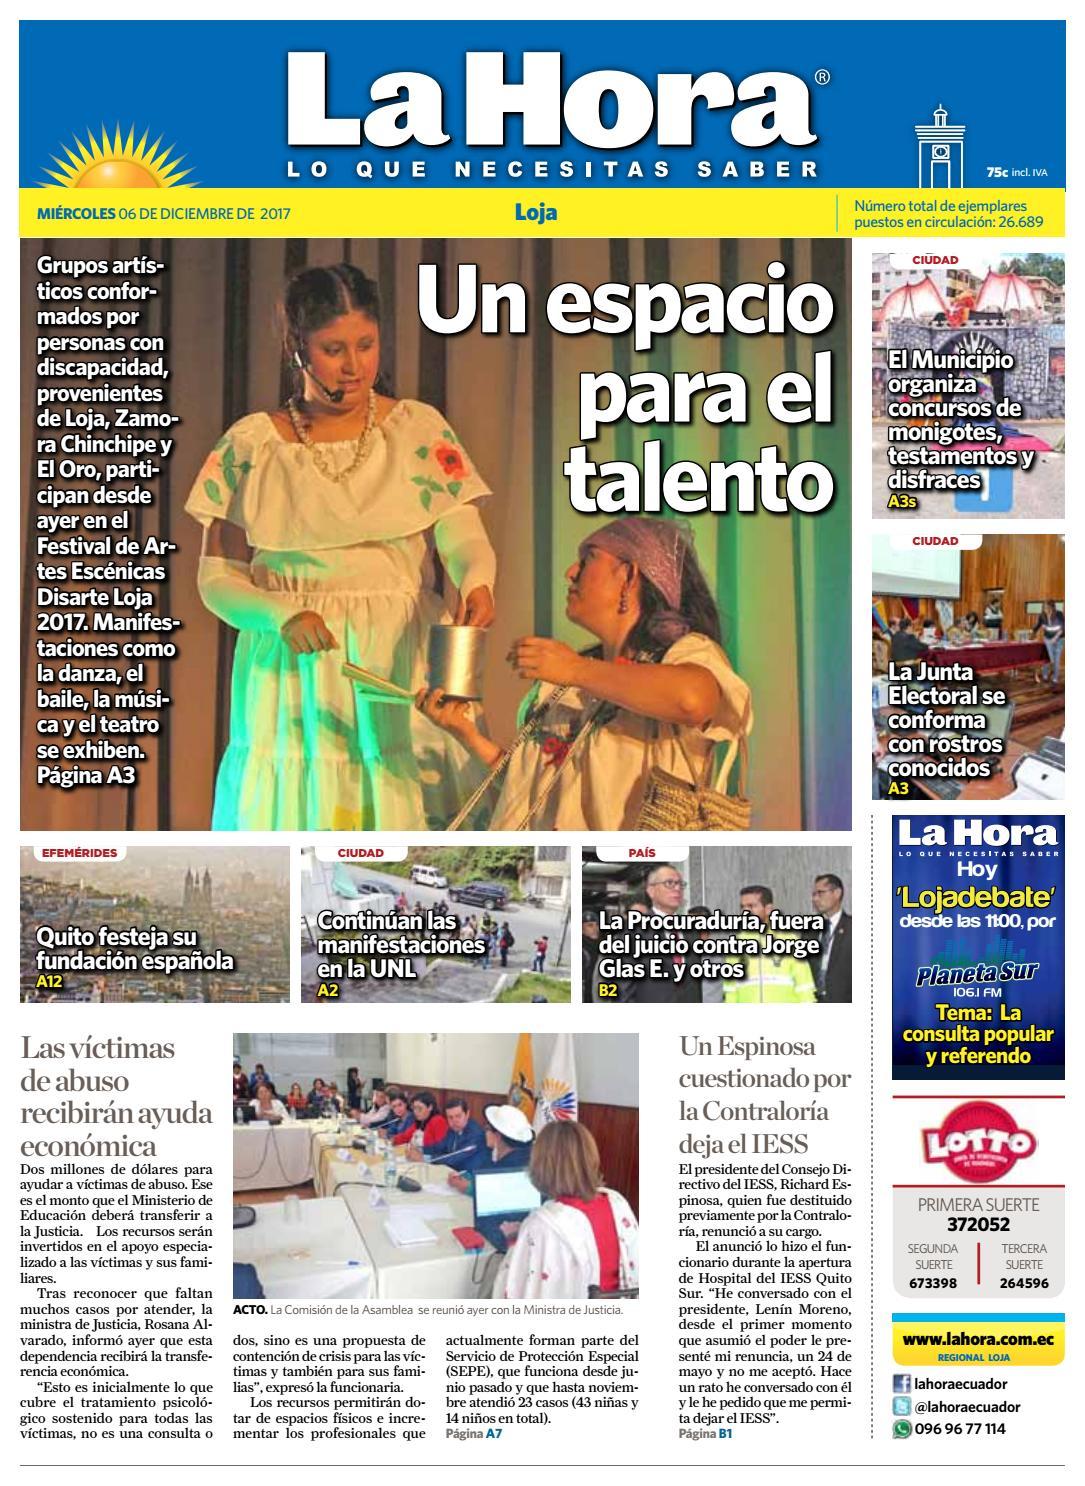 d9b613268a1d0 Diario La Hora Loja 06 de Diciembre 2017 by Diario La Hora Ecuador - issuu